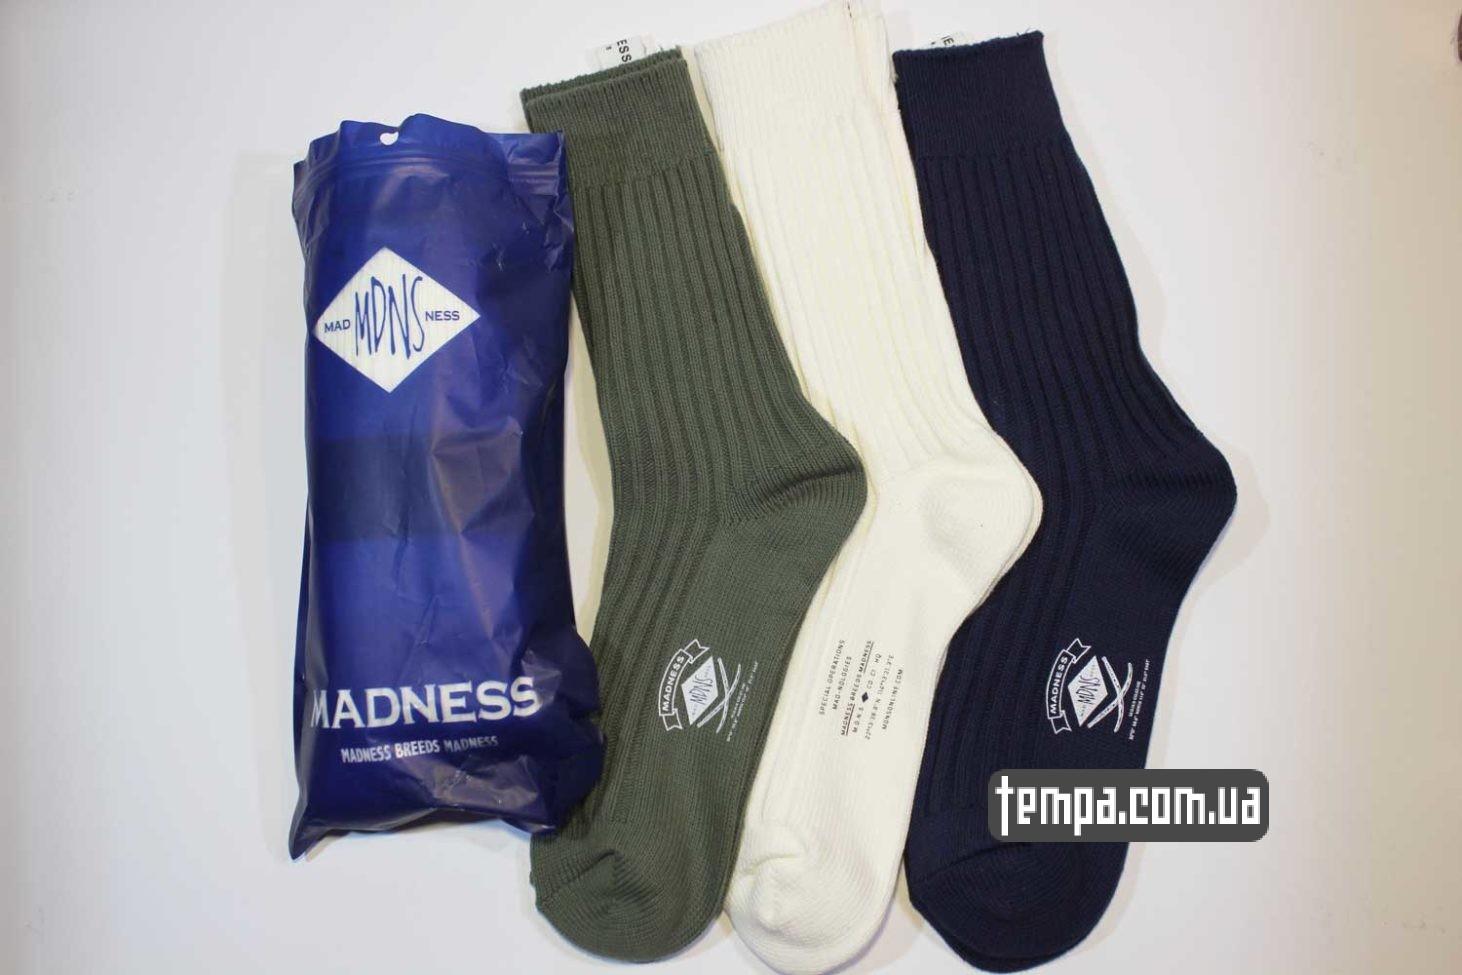 высолкие носки MADENESS зеленые бежевые синие